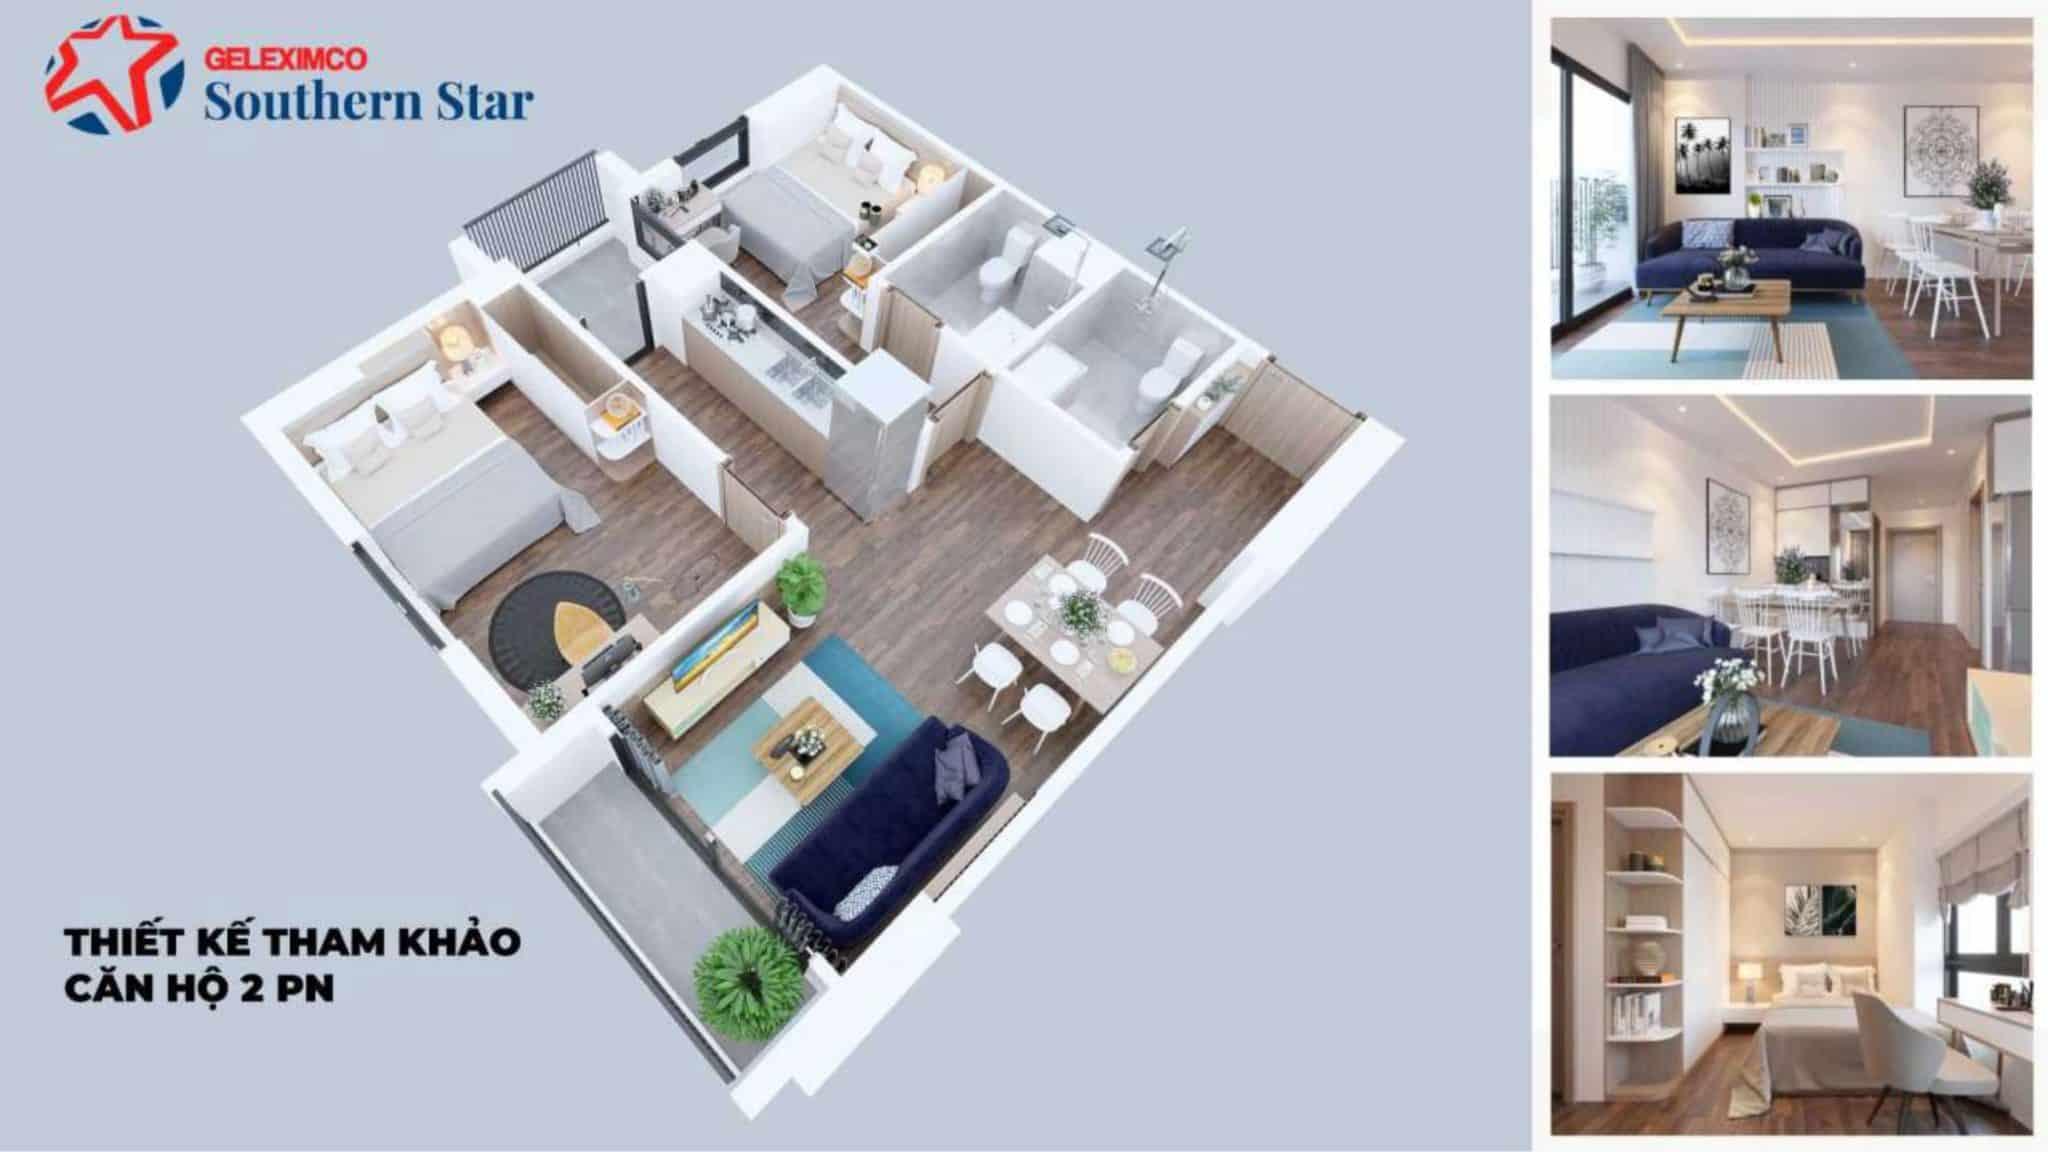 Phối cảnh bóc mái căn 2 ngủ 60-64m2 Dự án Geleximco 897 Giáp Bát Giải Phóng